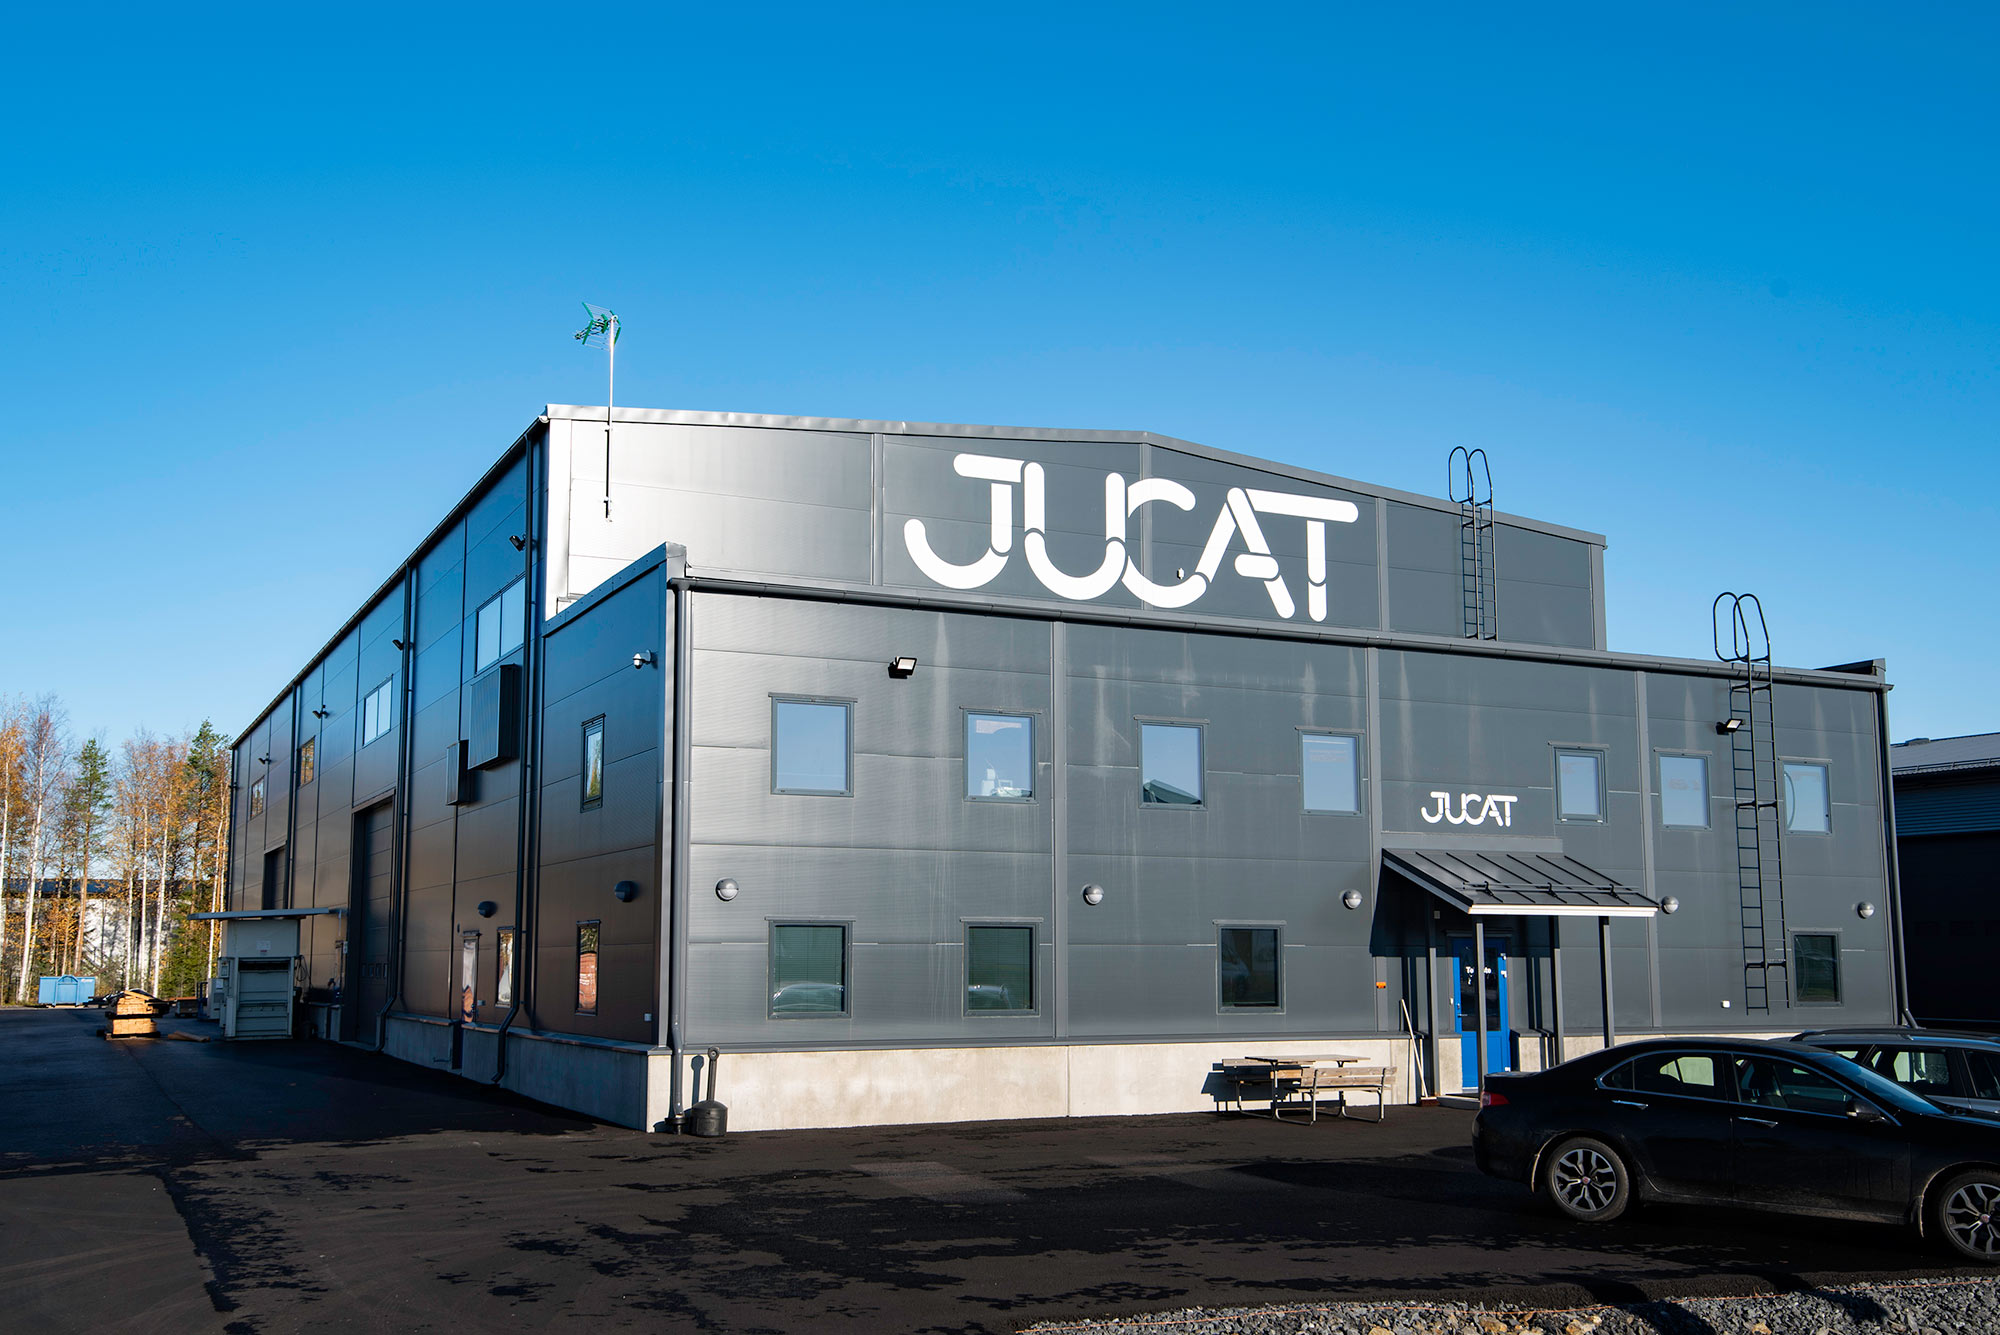 Trutec Oy rakensi toimitilahallipaketin Jucat Oy:n uusiin toimitiloihin Seinäjoelle.